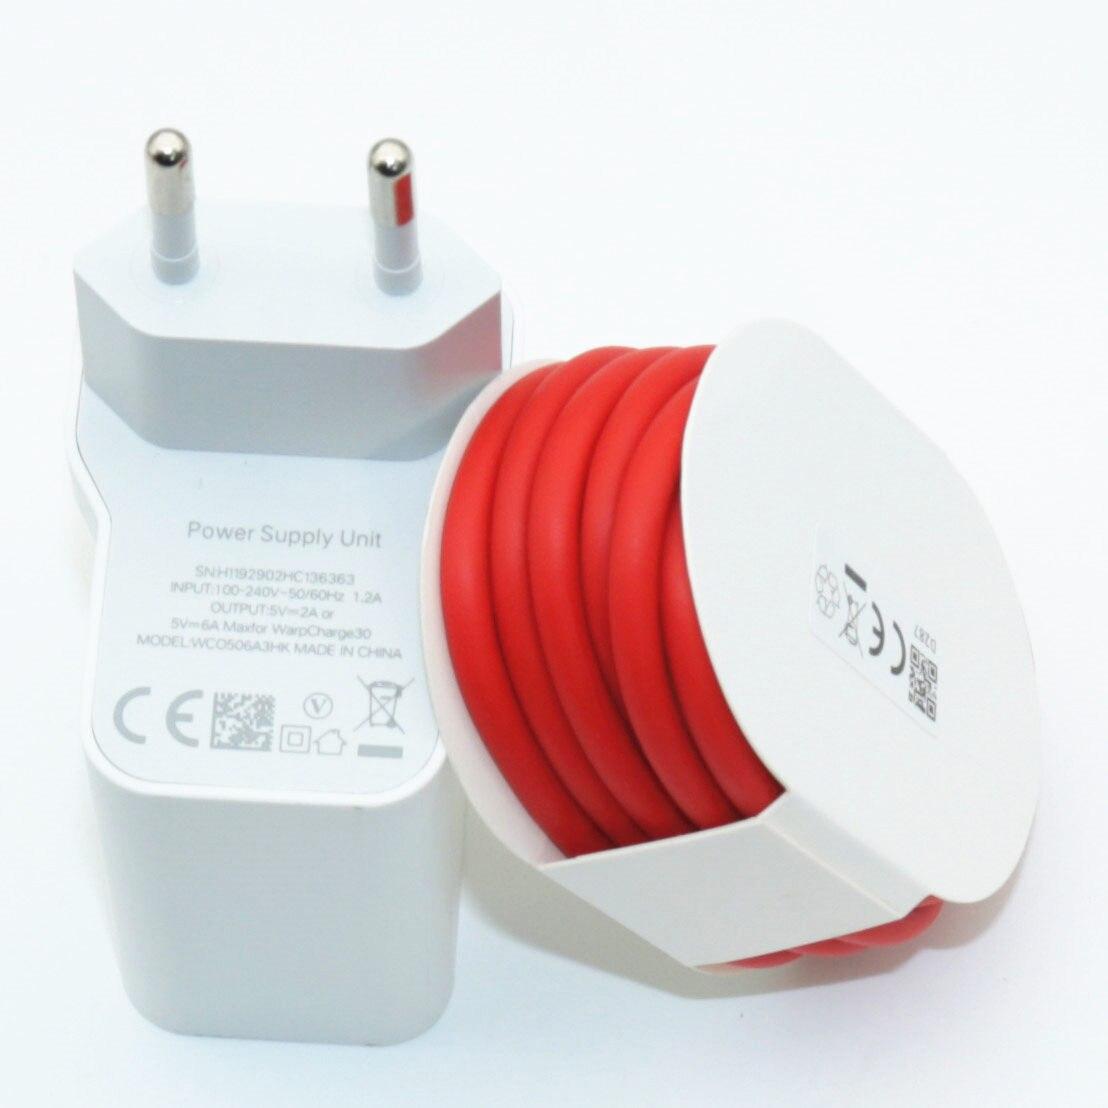 Original oneplus 7 t 7 pro carregador 30w adaptador de energia urdidura carga 30 carregador cabo 5 v 6a para um mais 7 pro charing rápido